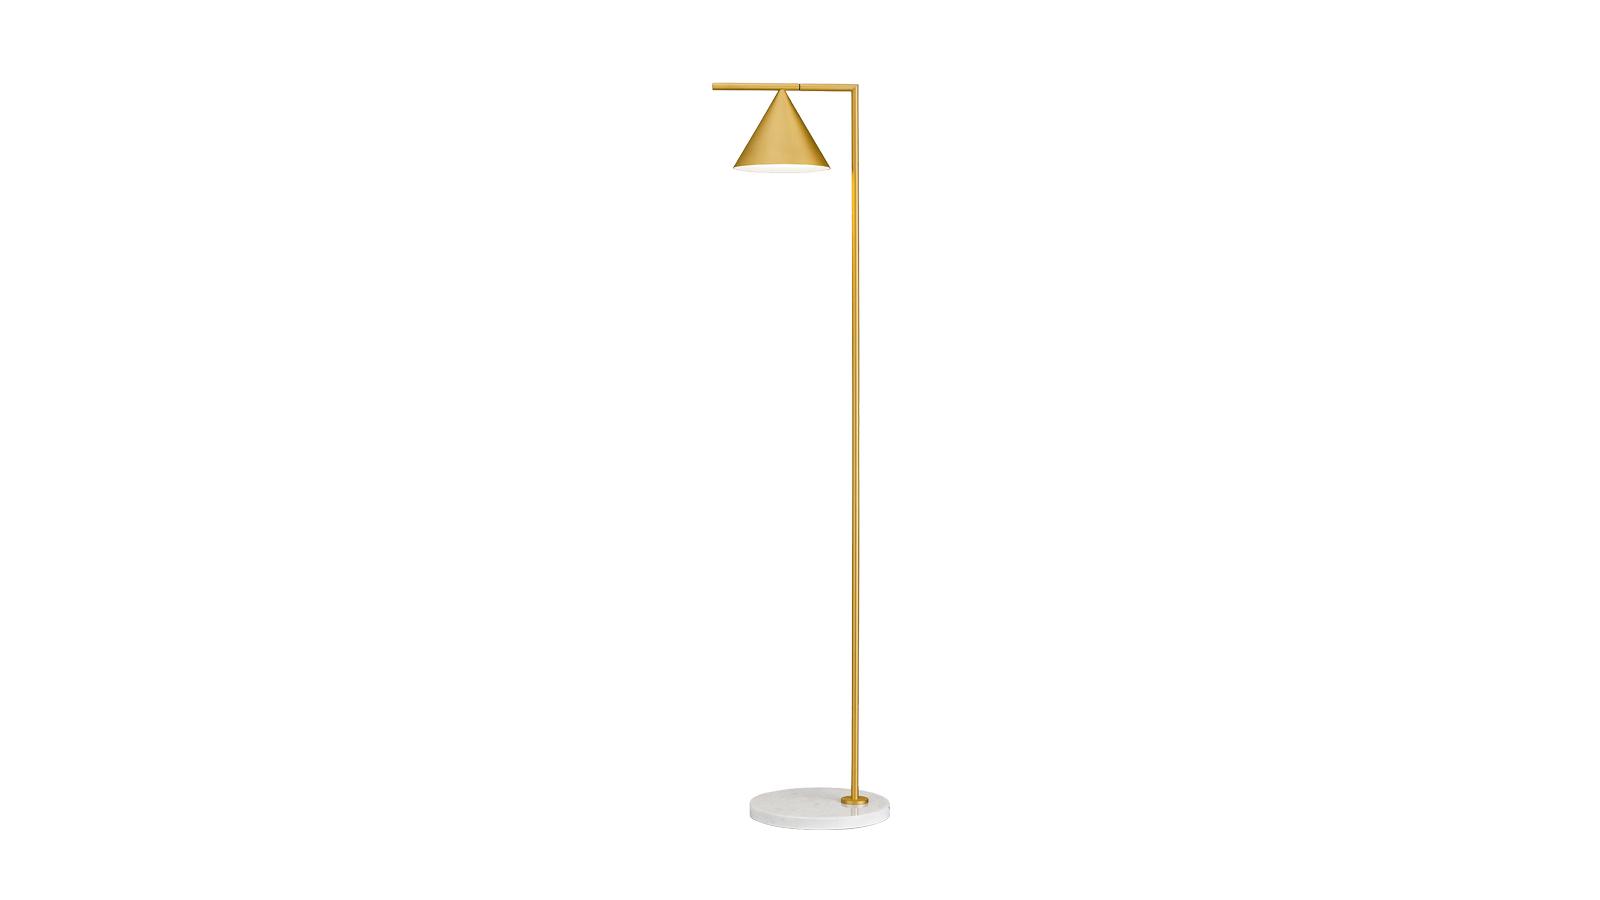 """""""A Flos Captain Flint lámpája karcsú és kecses, tetőtől talpig elegáns fényforrás. Közvetlen, tiszta fényt vet a megvilágított területre. A lámpafej forgatható és állítható: a tárgynak otthont adó tér több pontja is reflektorfénybe kerülhet. Michael Anastassiades a Captain Flint megtervezésével egy kettős funkciójú lámpát tervezett: a fejrész felfelé fordítva az egész térnek ad fényt, lefelé forgatva pedig direkt, fókuszált fényforrás olvasáshoz, tanuláshoz, munkához. Egy letisztult megjelenésű bútor is lehet sokoldalú! """""""